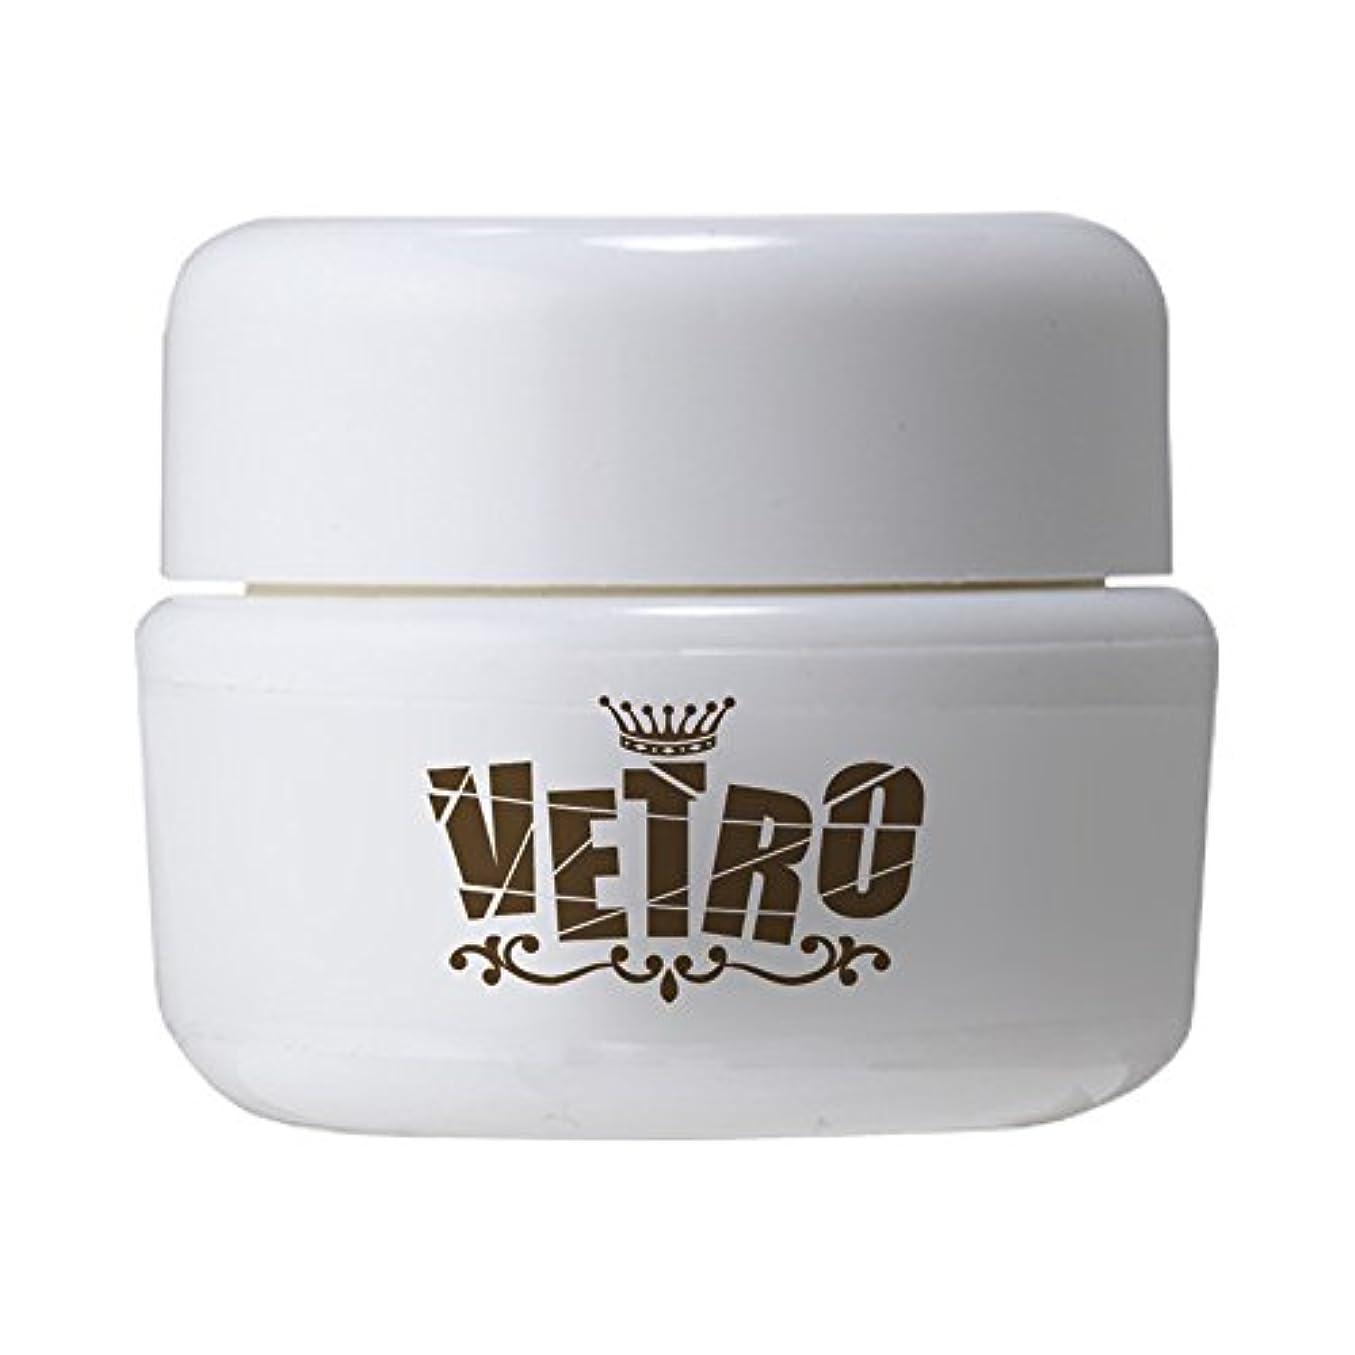 去る害虫剥離VETRO No.19 カラージェル マット VL379 アンティークミント 4ml